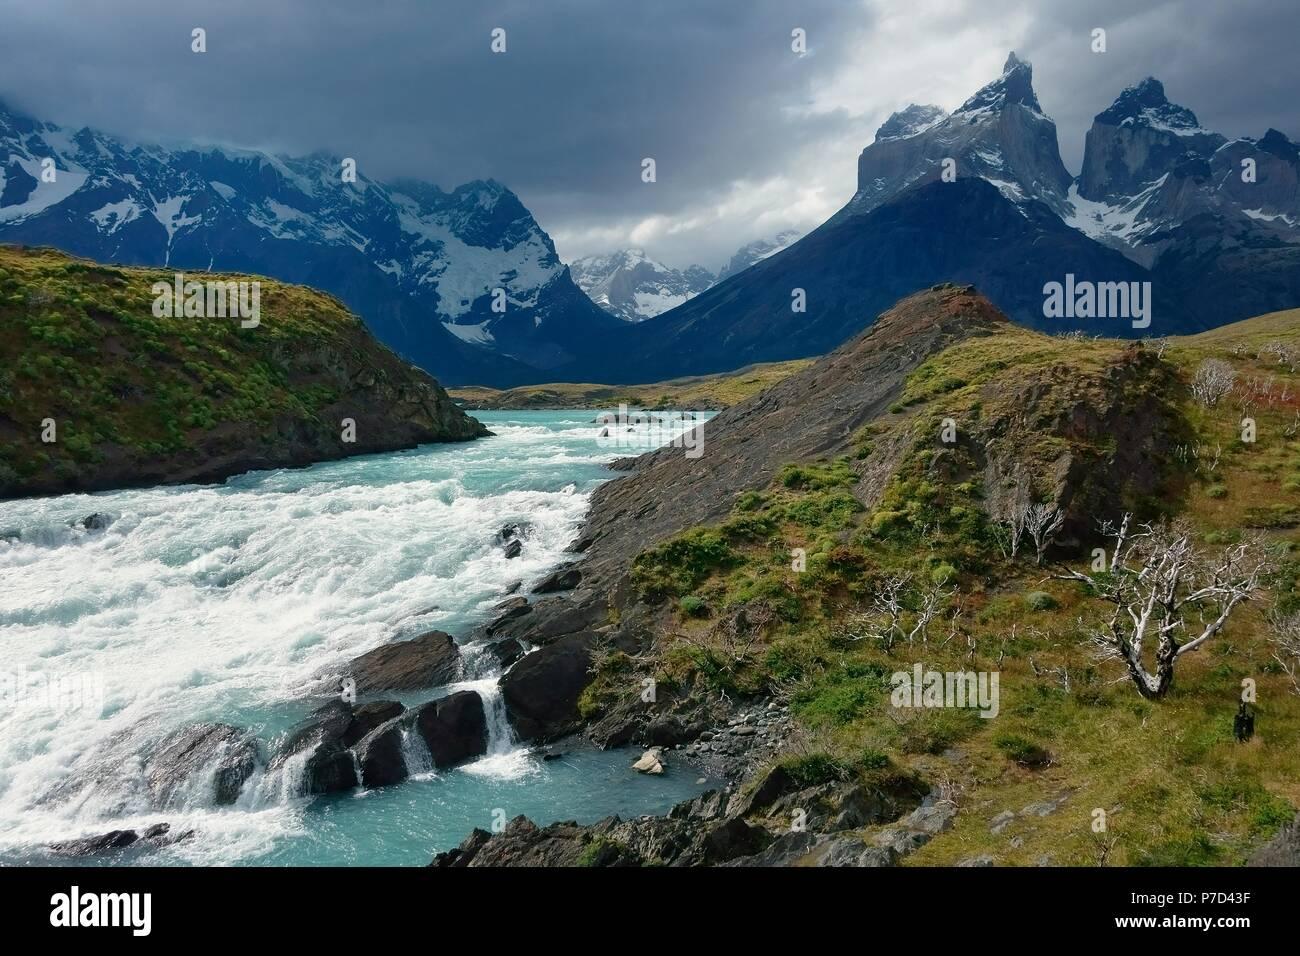 Al Salto Grande del Rio Paine, cime di Cuernos del Paine sul retro, Parco Nazionale Torres del Paine Immagini Stock